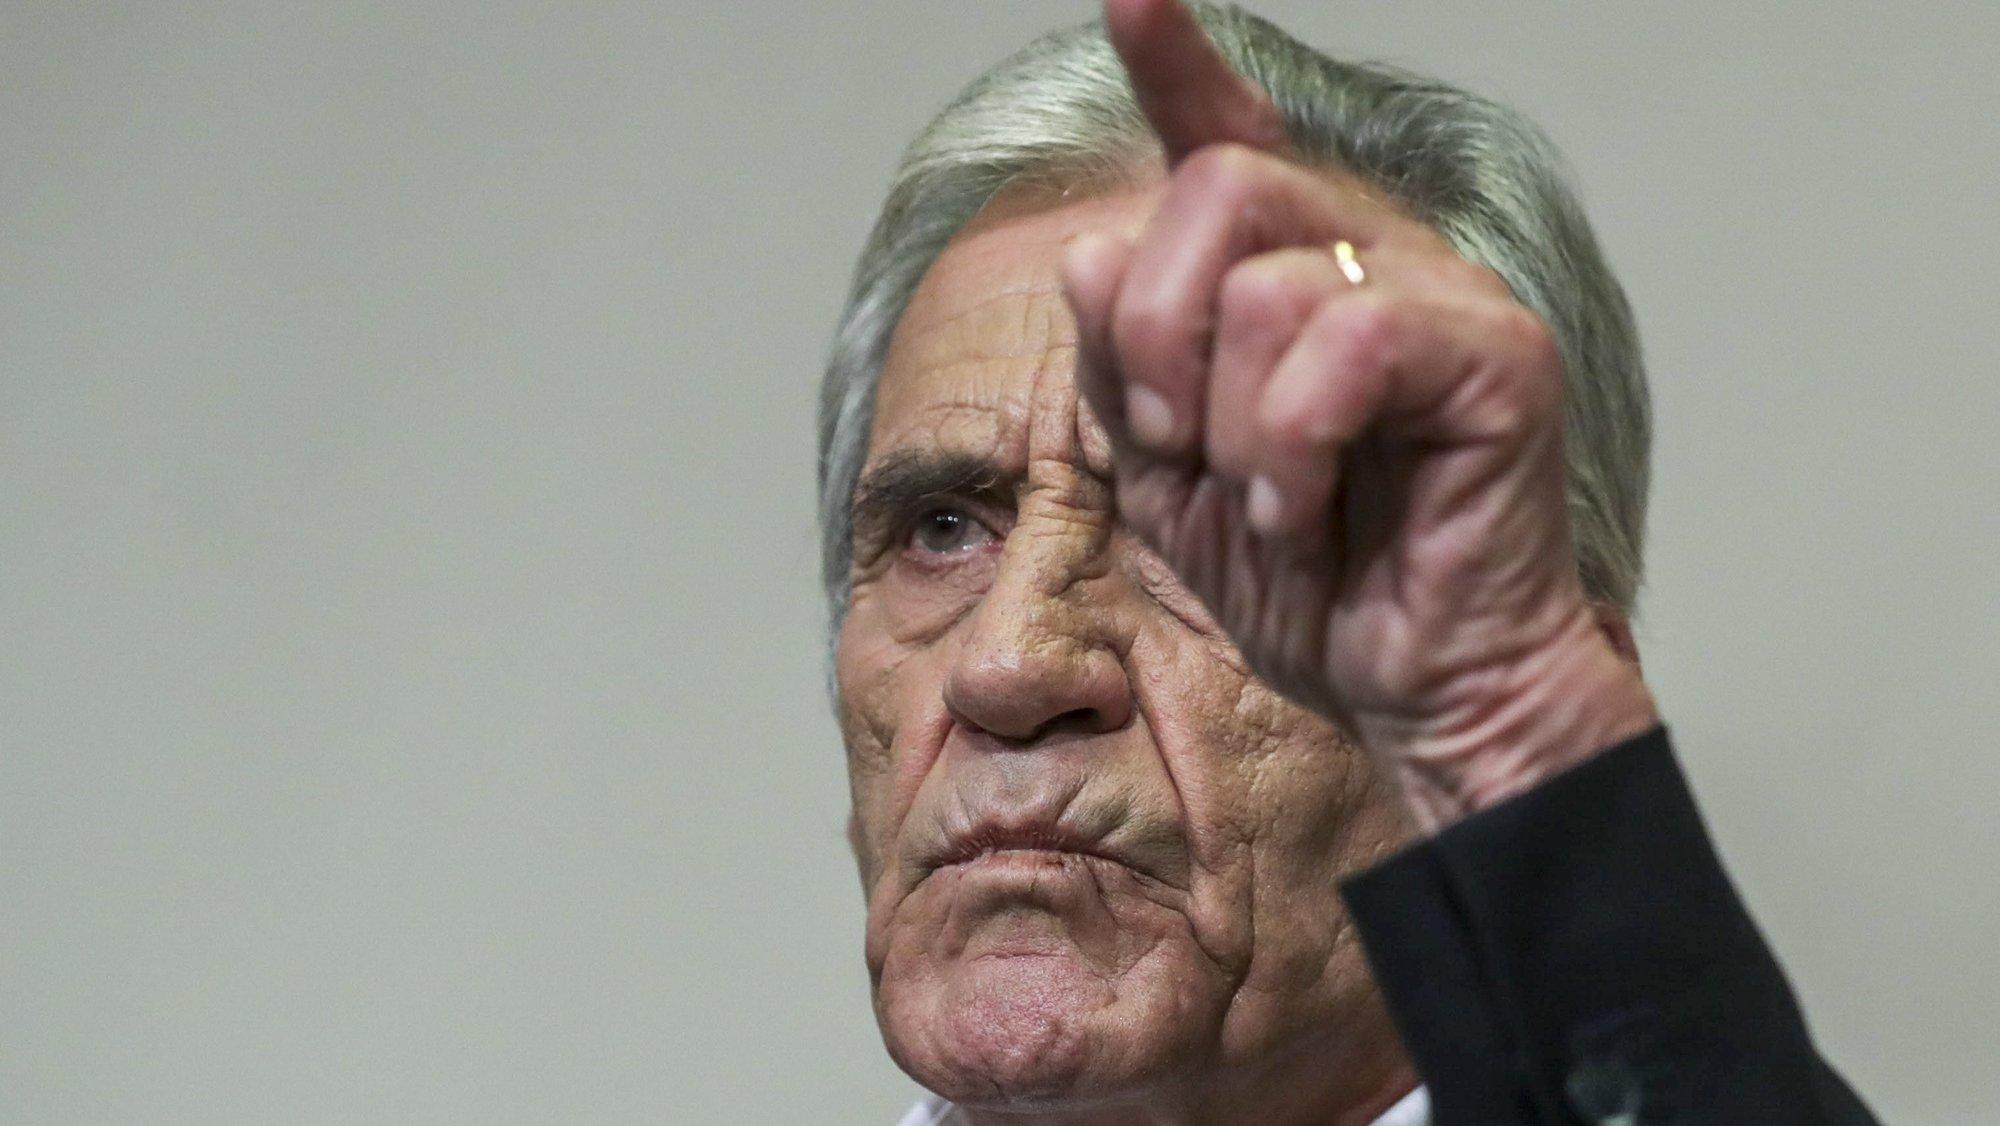 """O secretário-geral do Partido Comunista Português (PCP), Jerónimo de Sousa, durante a conferência de imprensa para apresentação das principais conclusões da reunião do comité central sobre o Orçamento do Estado para 2022, na sede do partido em Lisboa, 25 de outubro de 2021. O PCP vai votar contra a proposta de Orçamento do Estado para 2022 (OE2022) na generalidade, anunciou hoje o secretário-geral do partido Jerónimo de Sousa, sustentando que o país """"não precisa de Orçamento qualquer"""". TIAGO PETINGA/LUSA"""